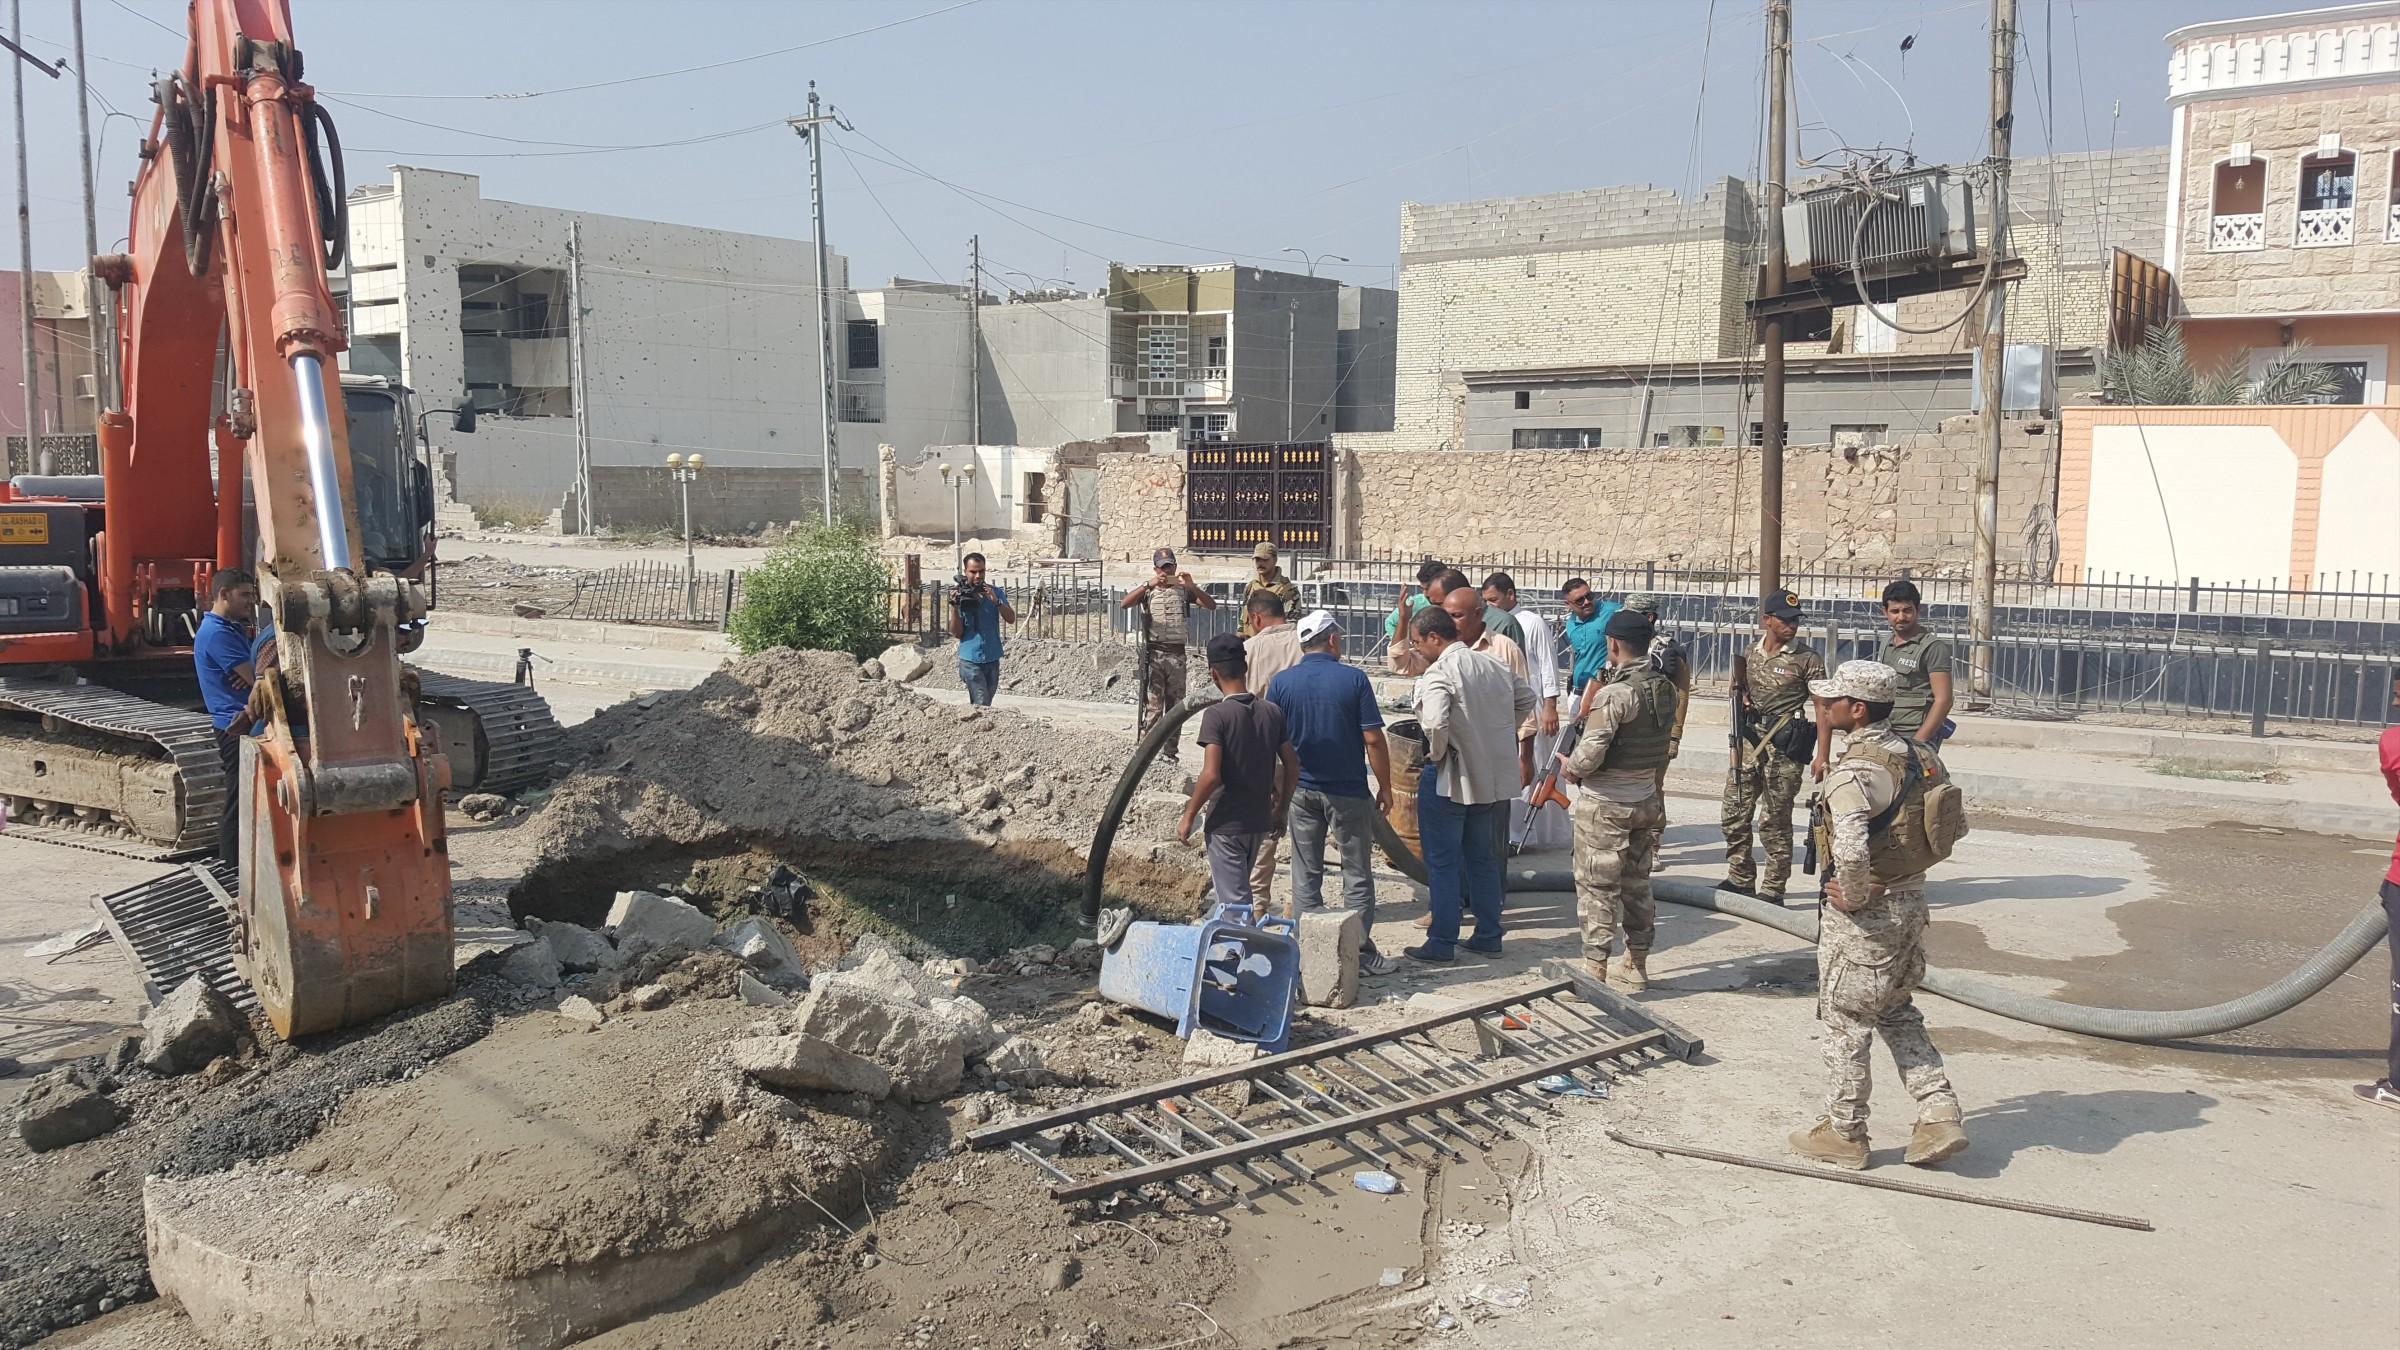 مسؤول محلي يناشد وزارة البلديات بالتدخل وإنقاذ الواقع الخدمي بالرمادي